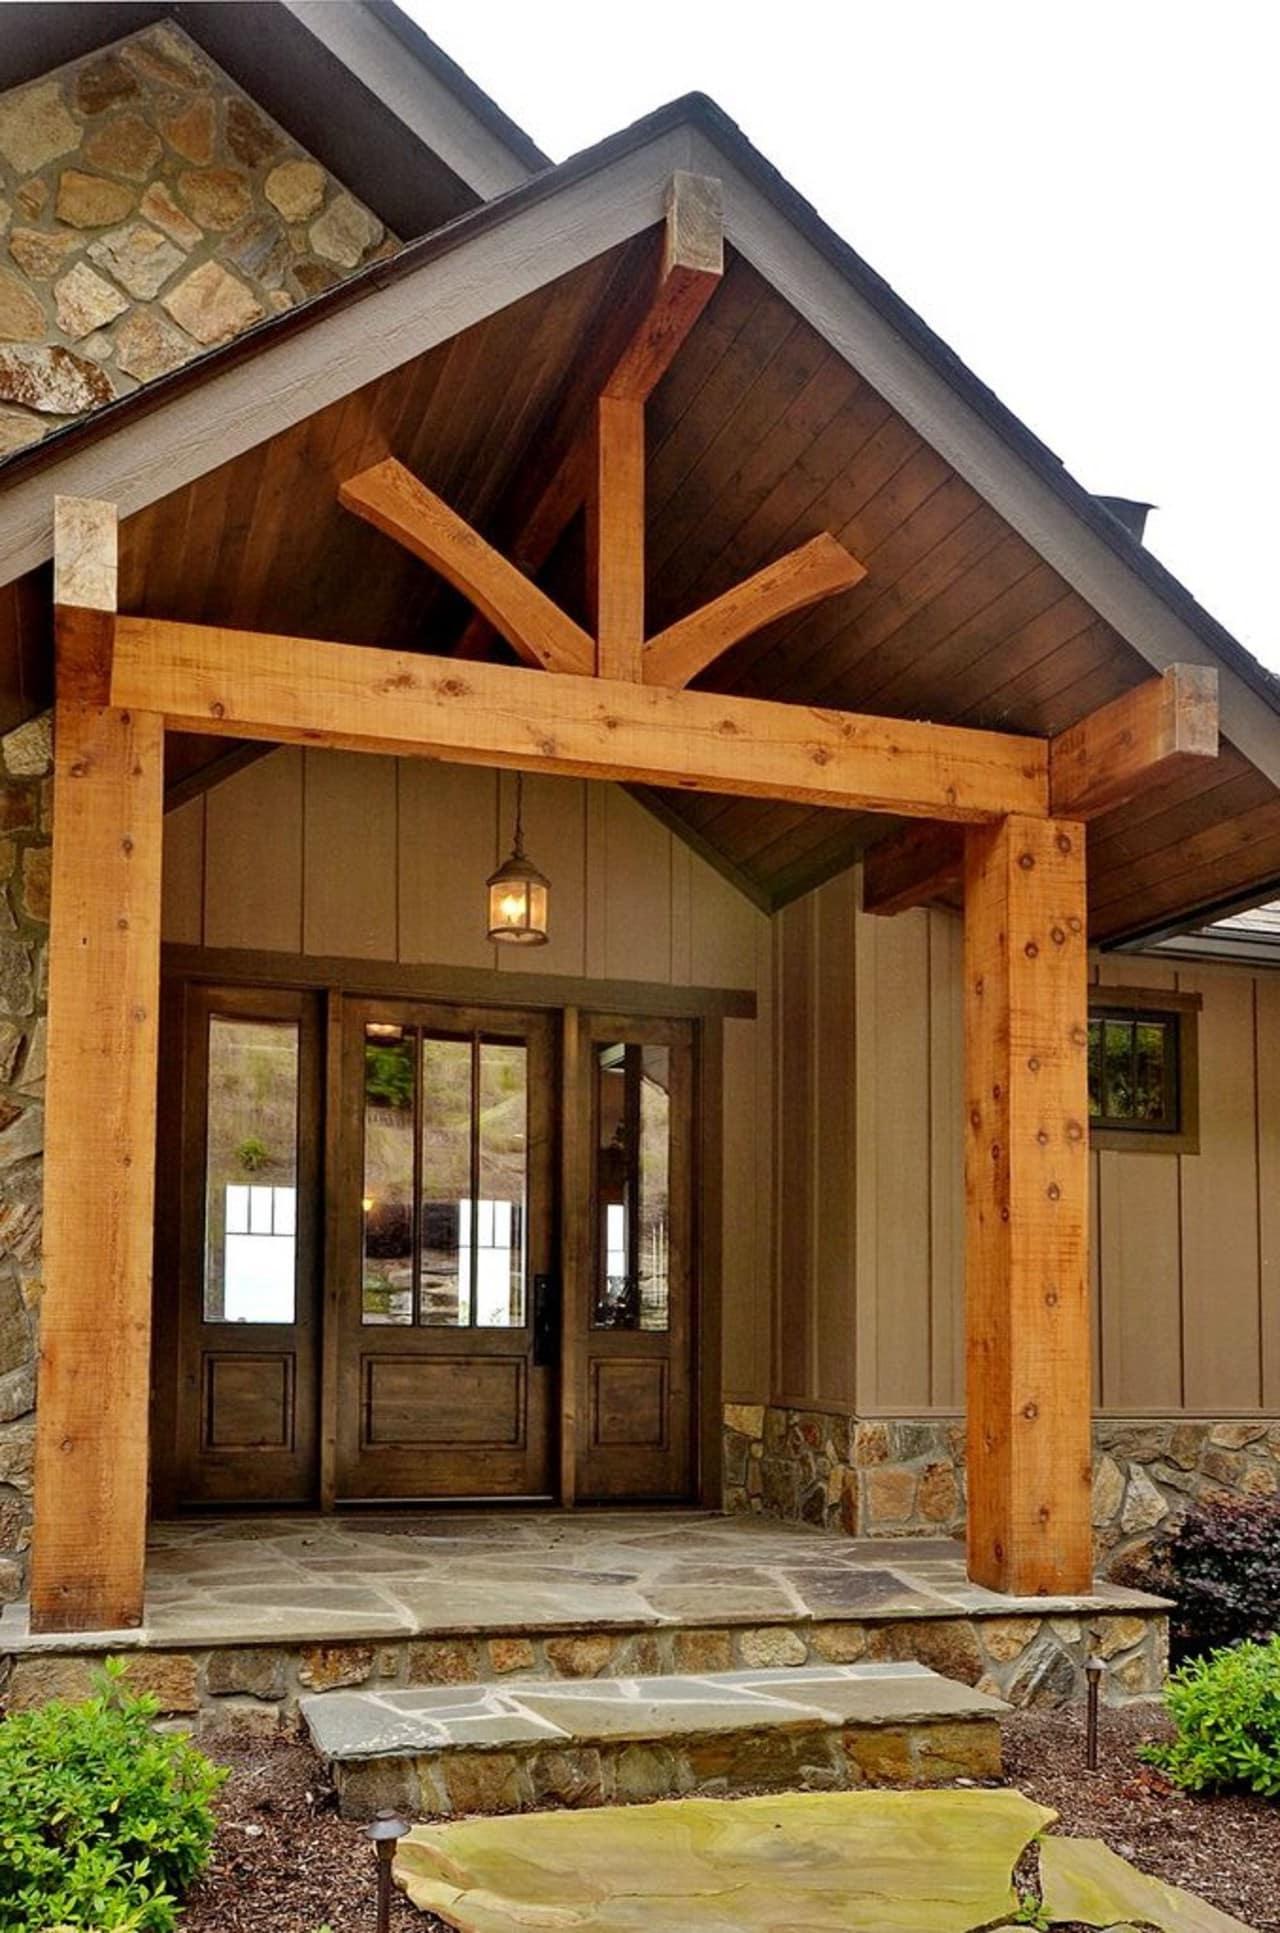 Камень прочный и долговечный строительный материал способный прослужить больше пятидесяти лет